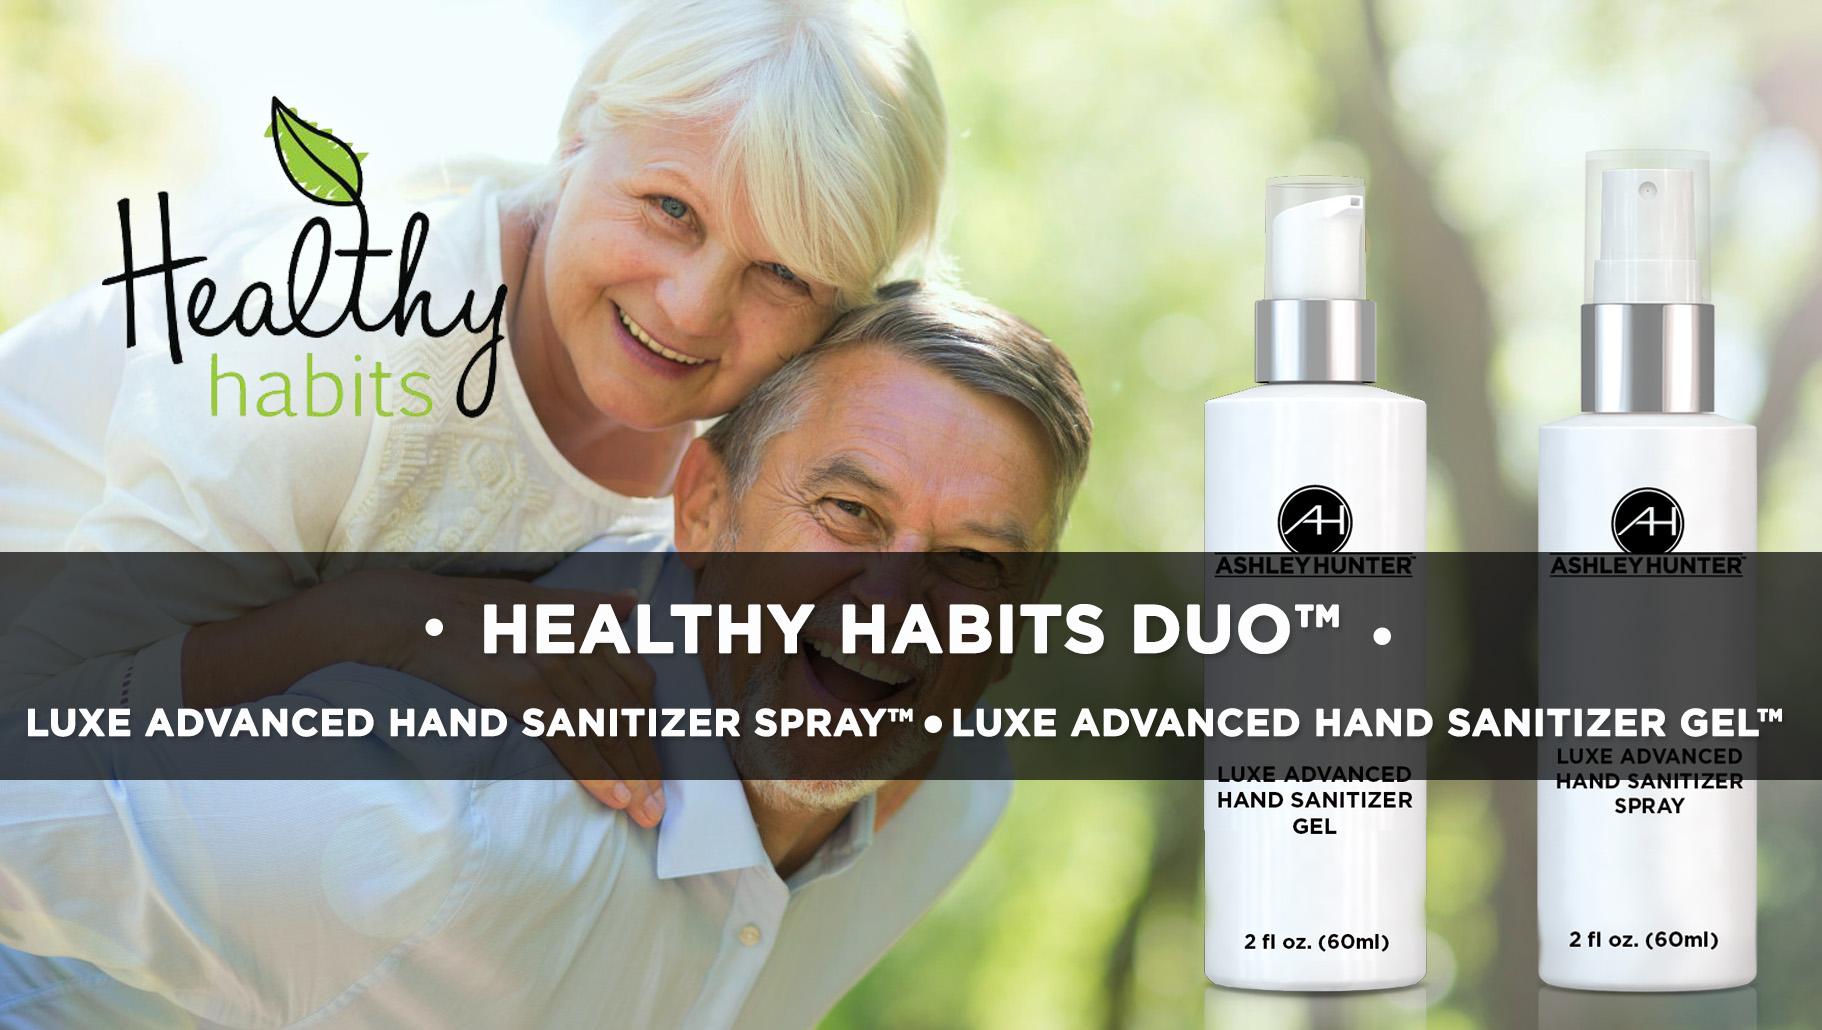 HEALTHY HABITS DUO™